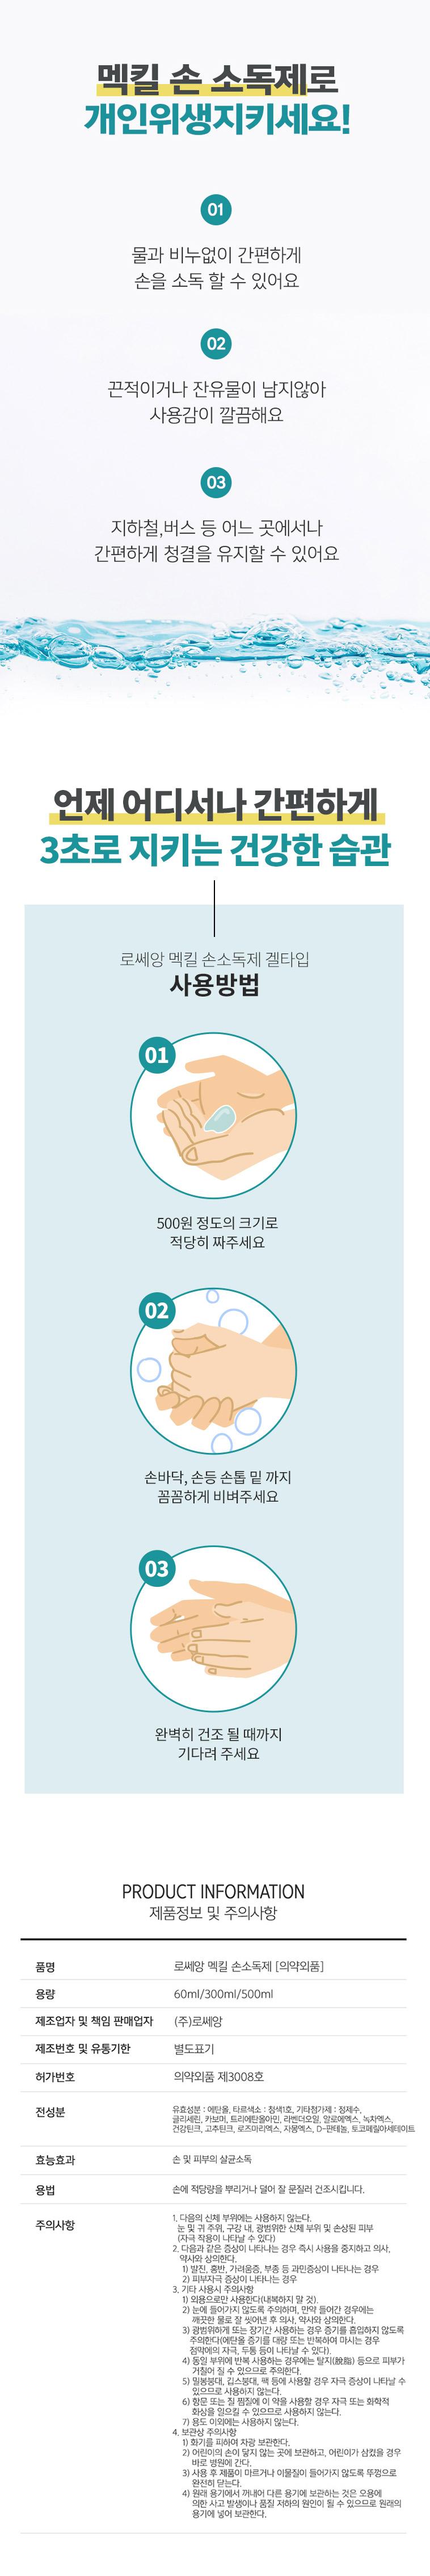 에탄올 65% 휴대용 손 소독제 손 세정제 60ml(펌프형) - 바보사랑, 3,090원, 바디케어, 핸드워시